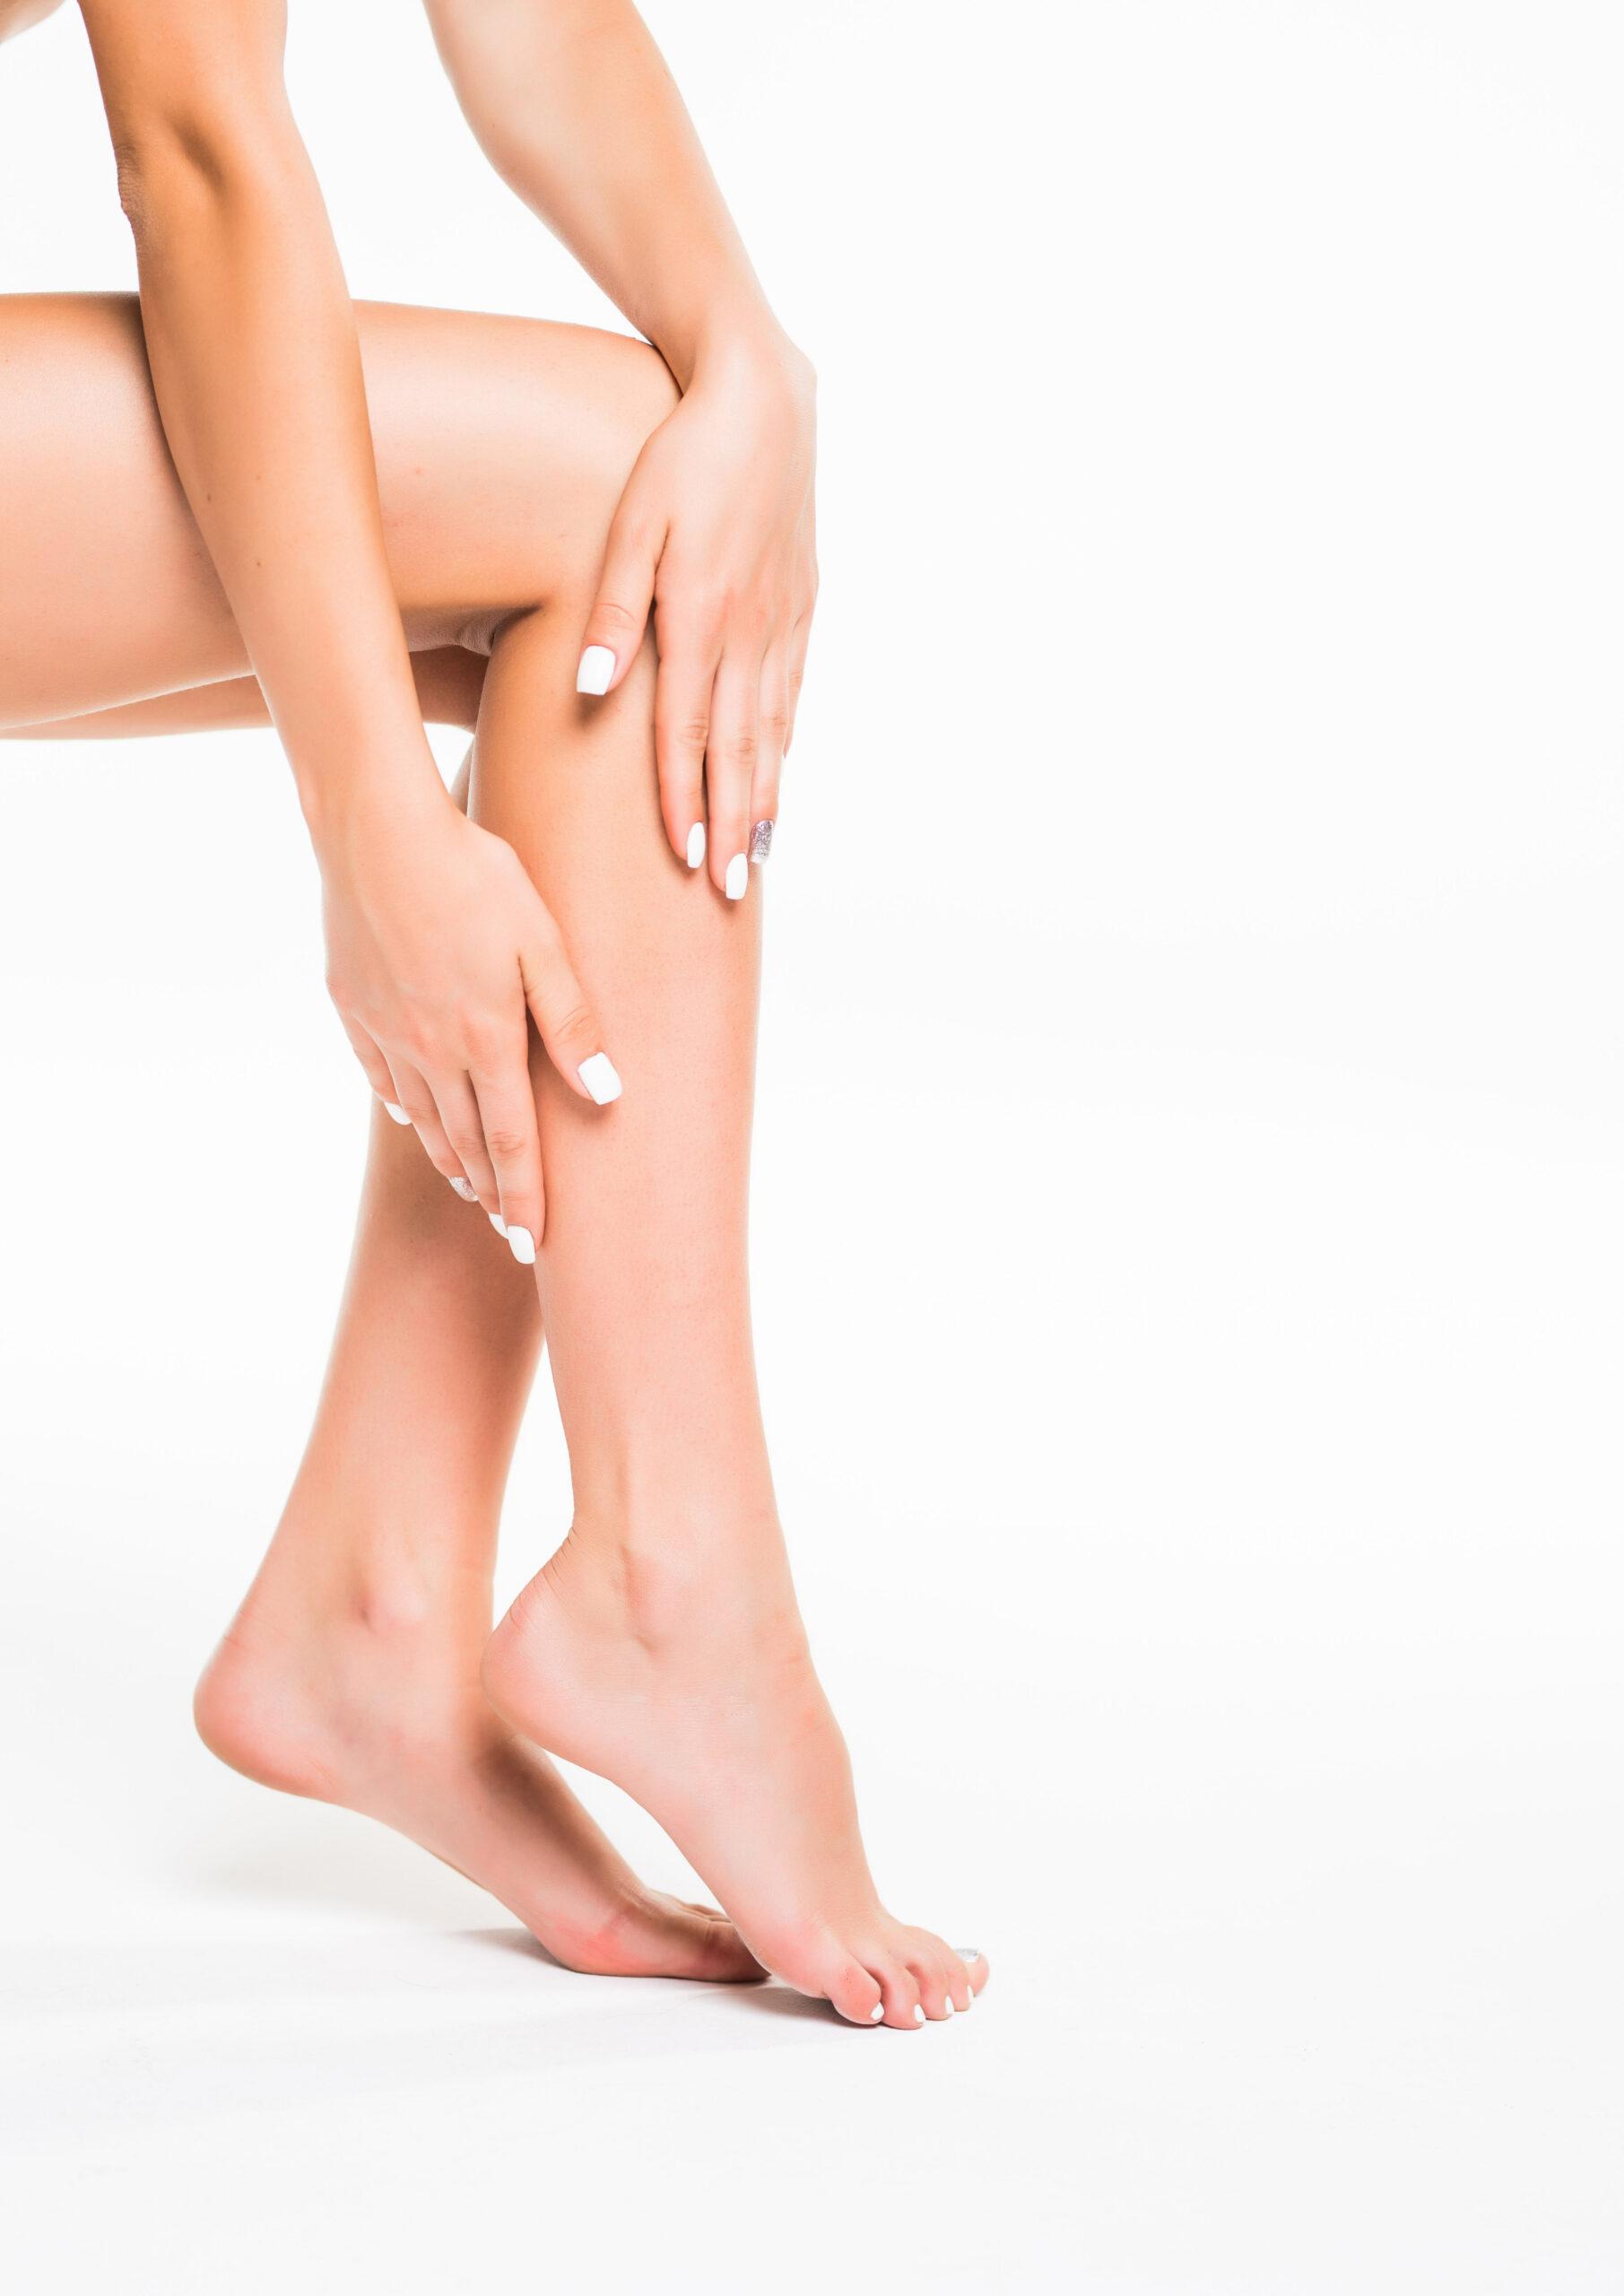 Conseils simples pour les jambes fatiguées